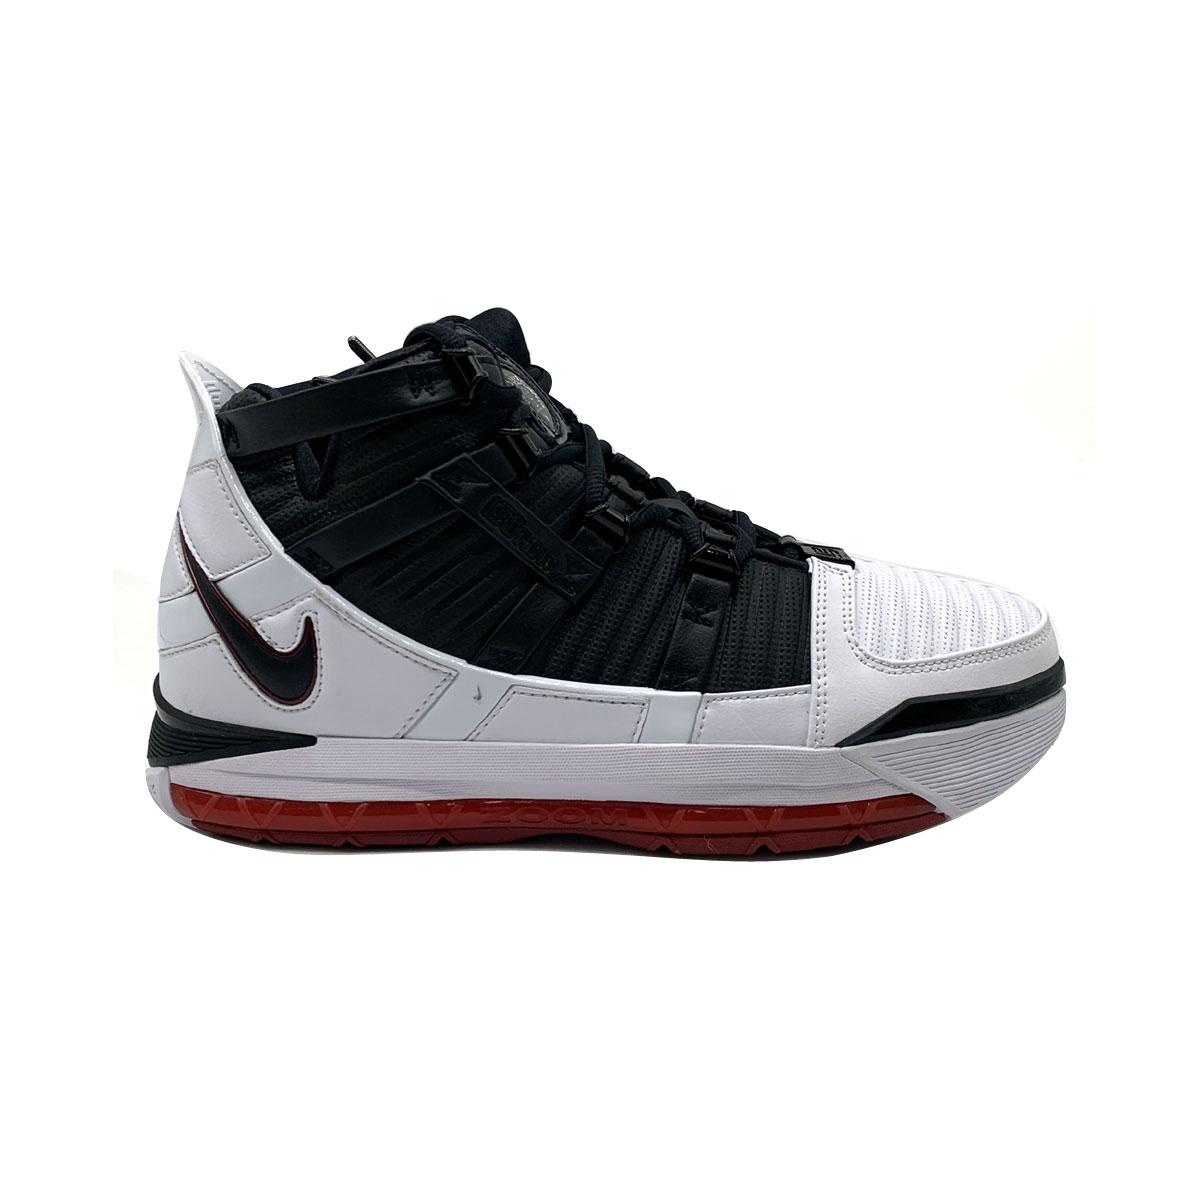 best service d6de4 46e81 Details about Nike Men's LeBron 3 III QS Home White Black Varsity Crimson  Basketball Shoes